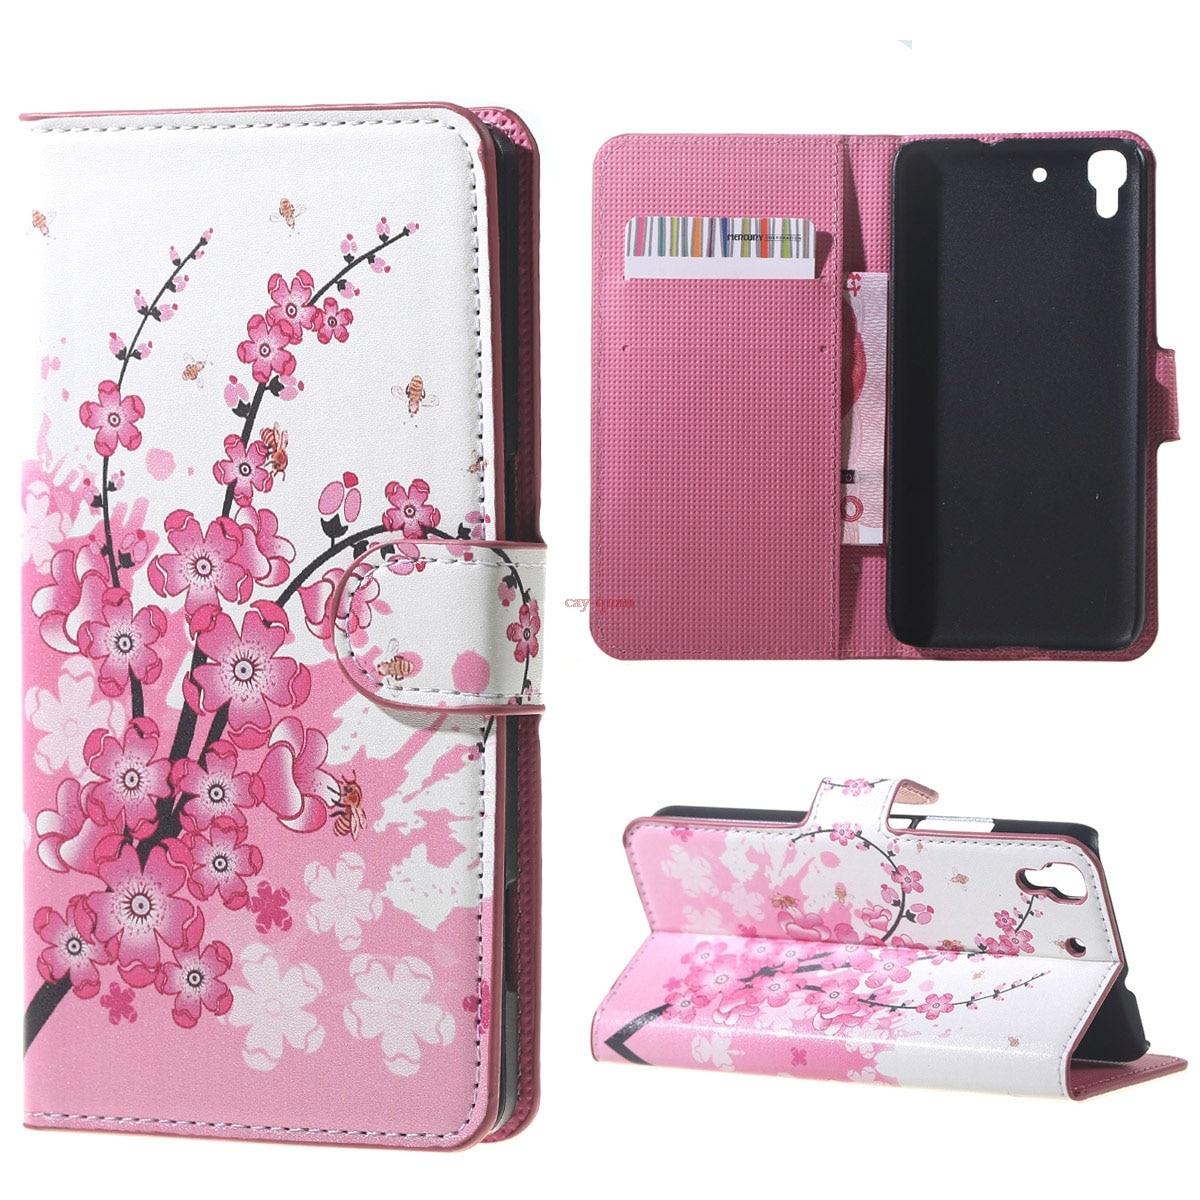 Flip Phone Case For Huawei Scl L21 Scl L01 Scl L03 Scc U21